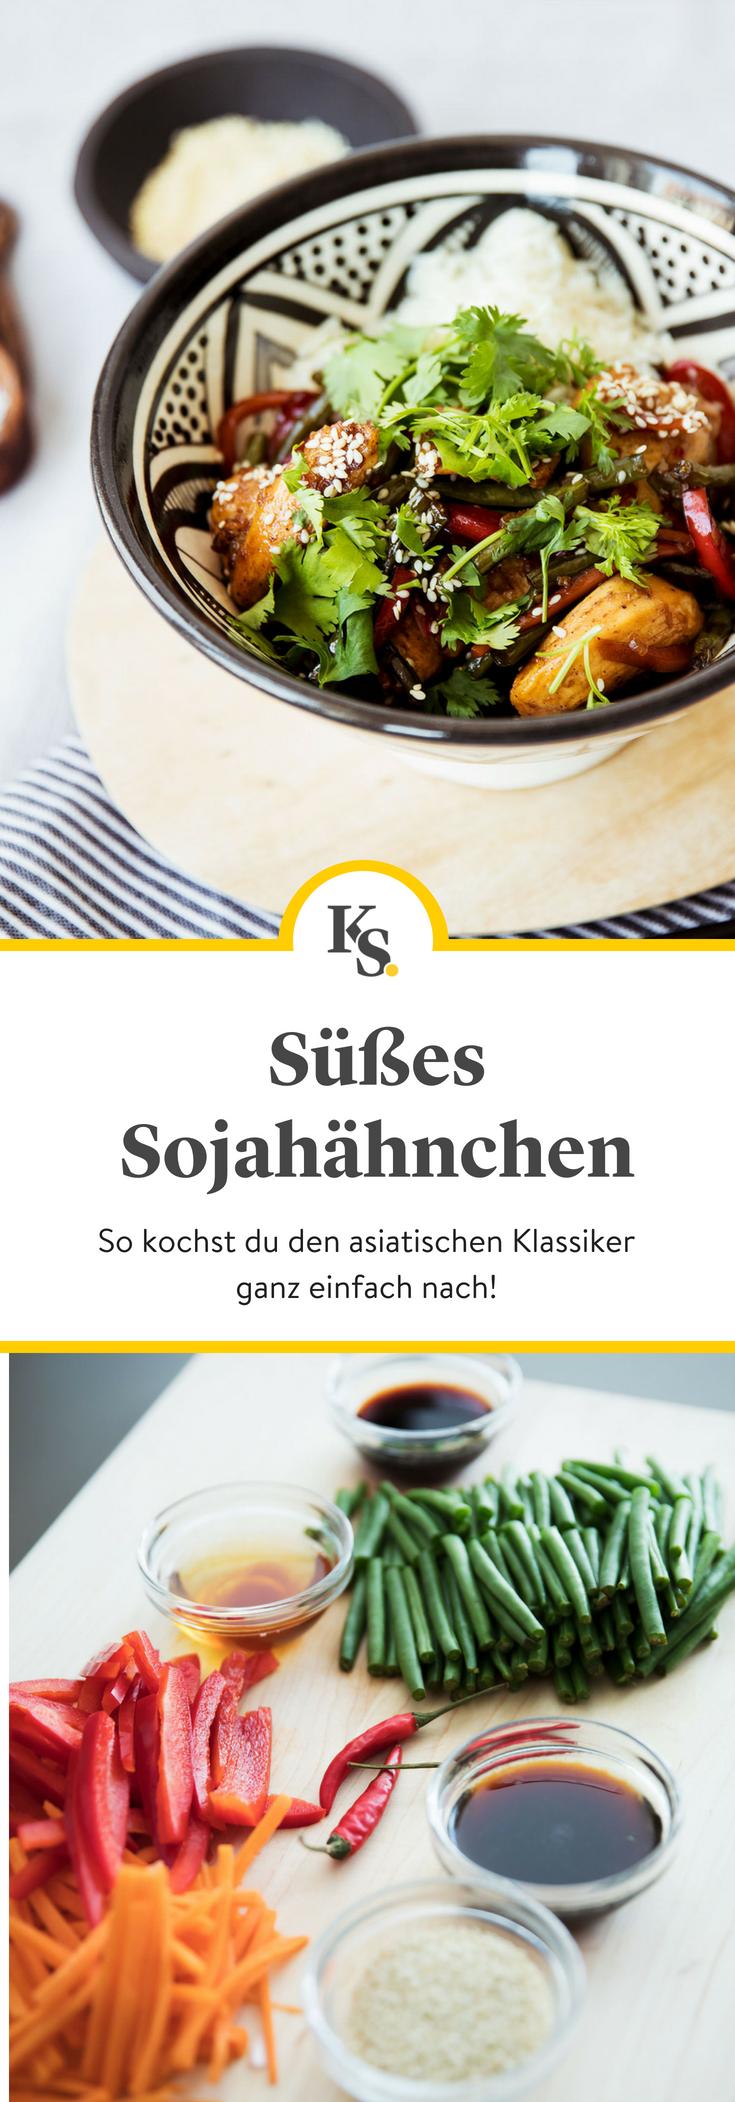 Das Susse Sojahahnchen Gewurzt Mit Muskatnuss Und Der Zugabe Von Karotte Paprika Und Grunen Bohnen Ergibt Ein In 2020 Rezepte Einfache Gerichte Schnelles Abendessen